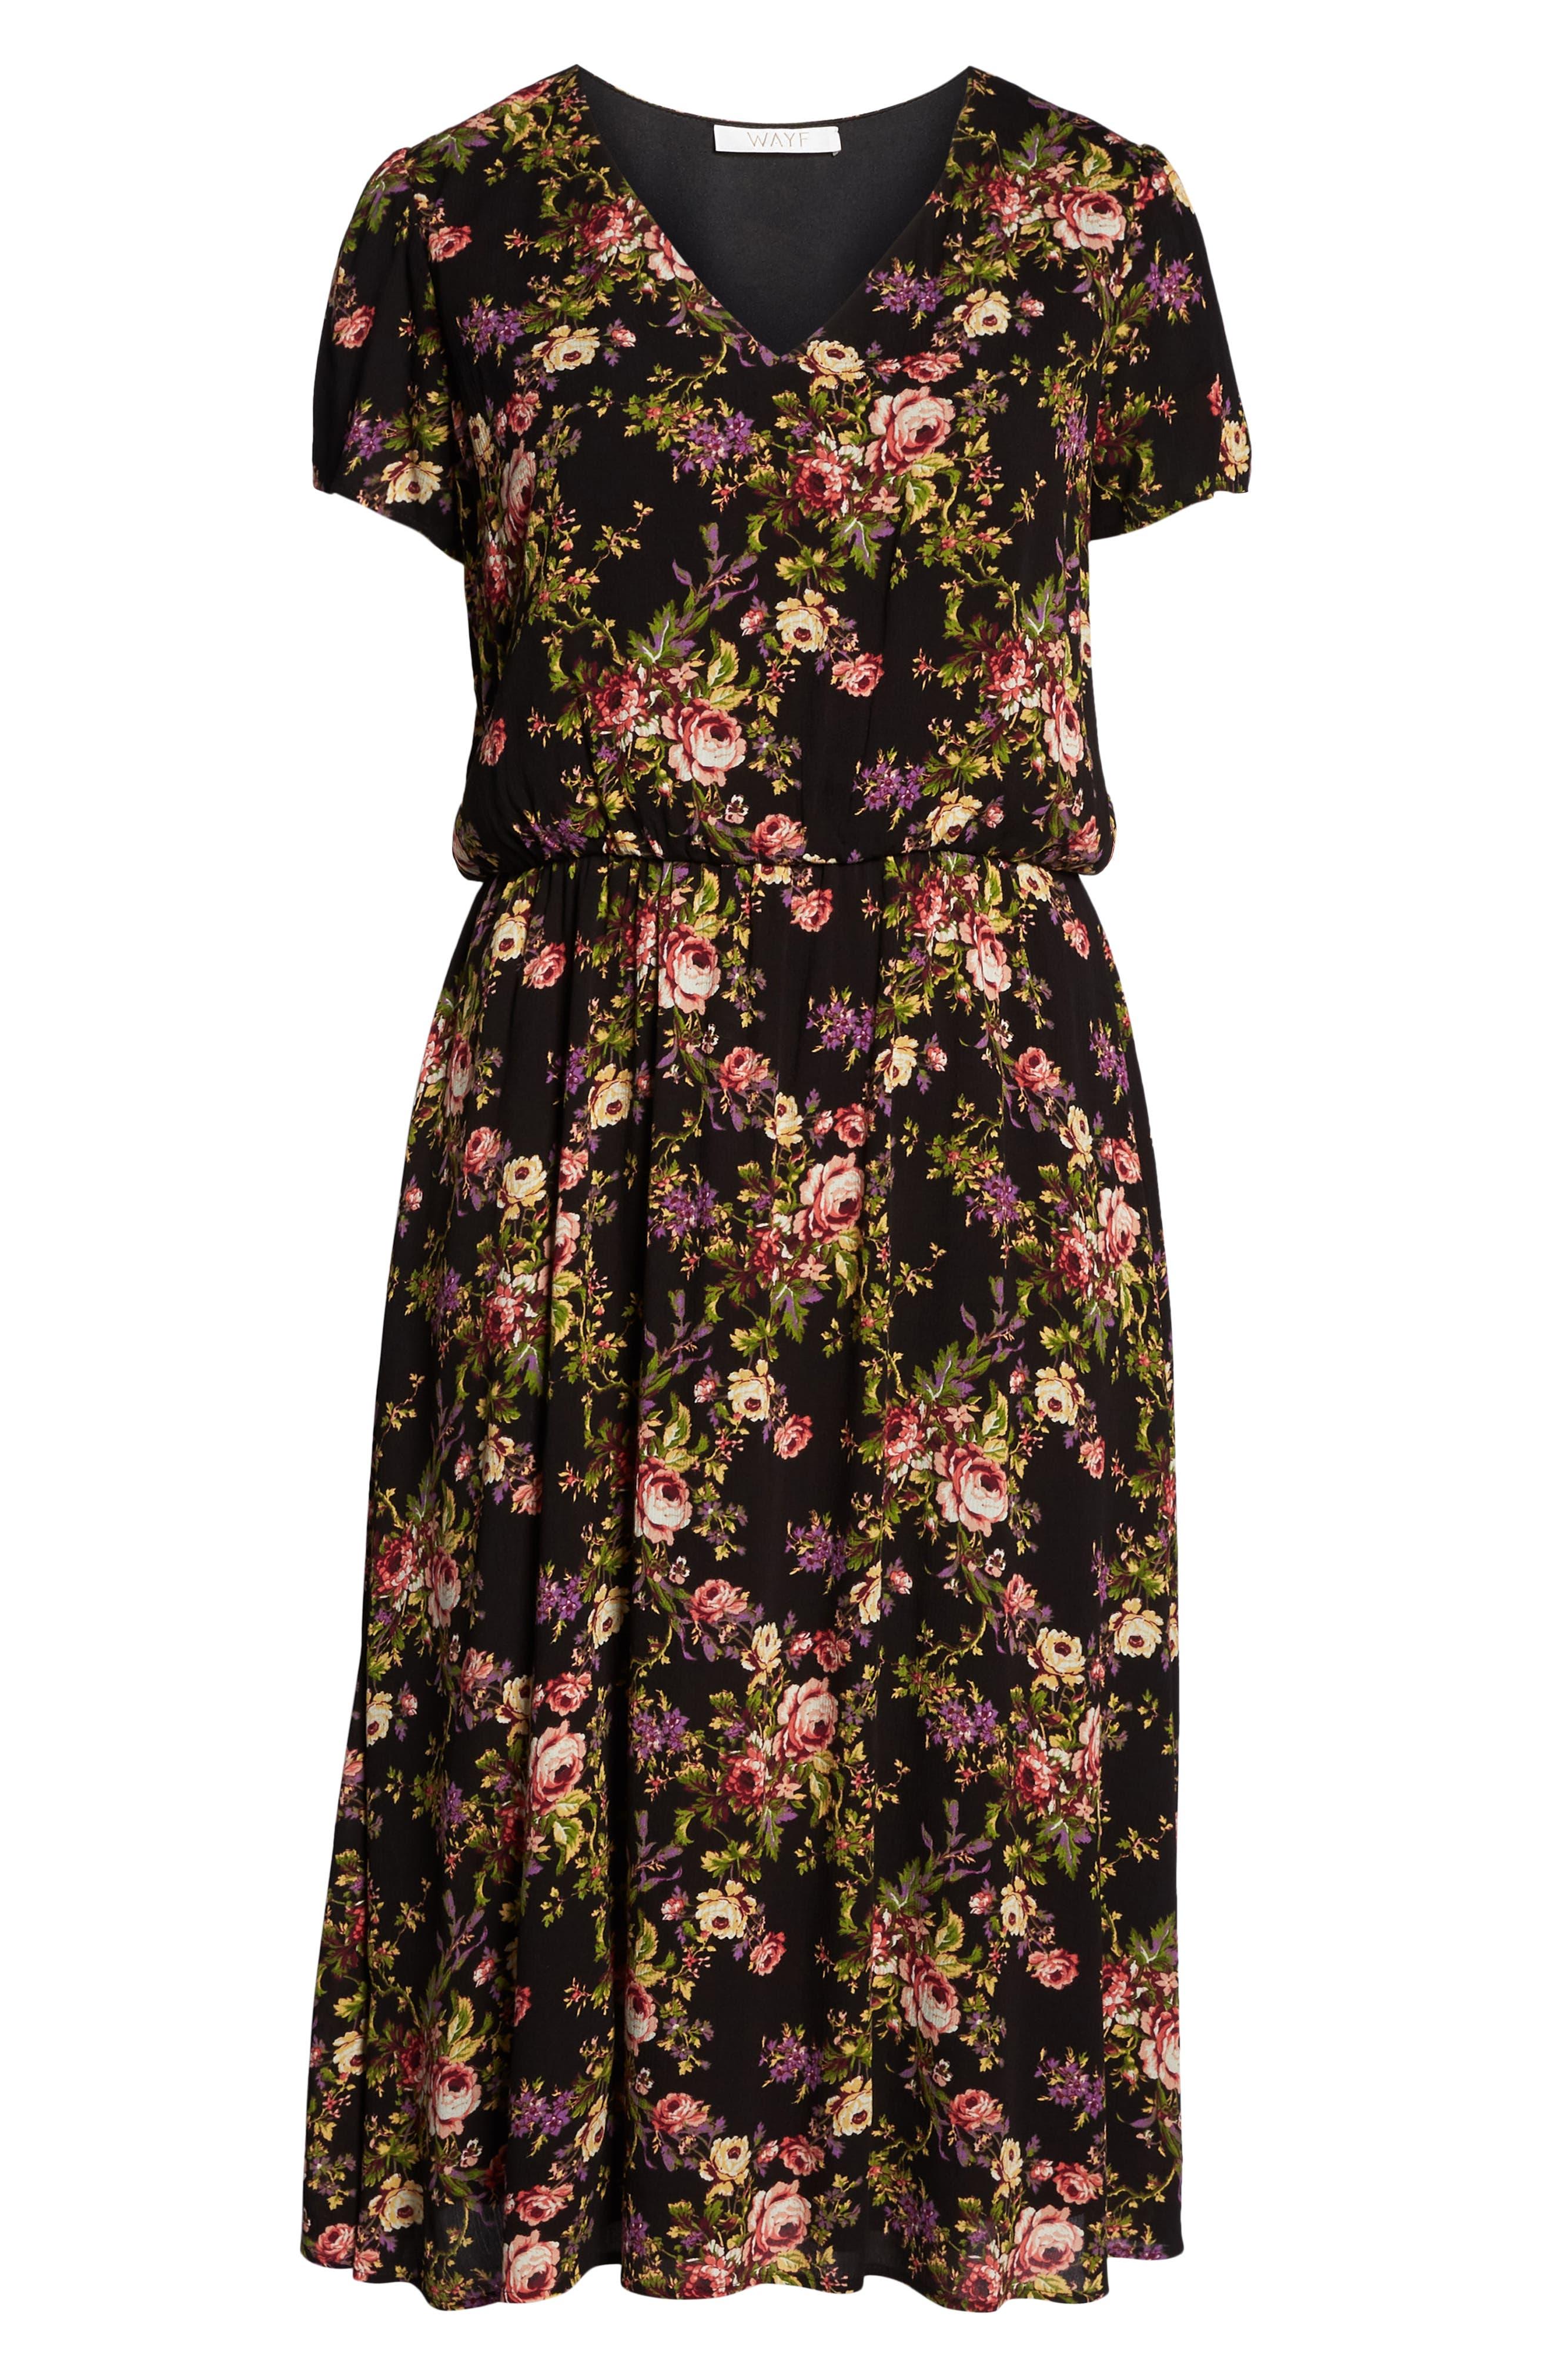 Blouson Midi Dress,                             Alternate thumbnail 7, color,                             BLACK TAPESTRY FLORAL